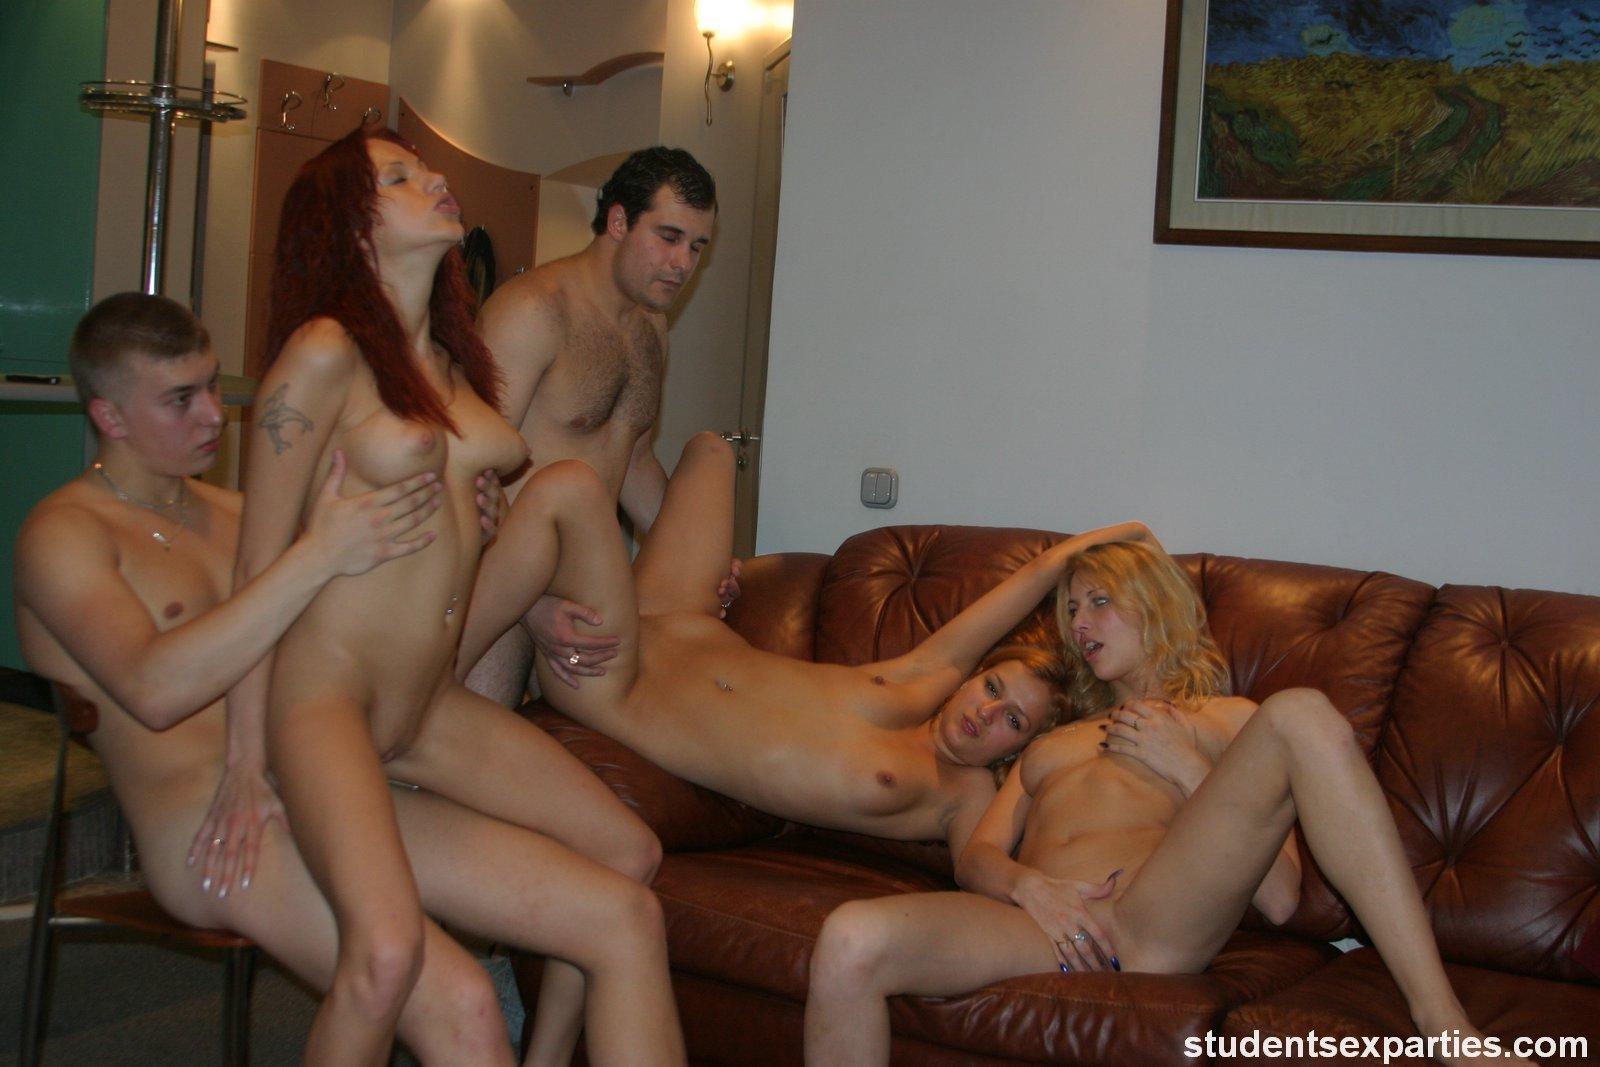 Смотреть онлайн порно групповуху оргии 26 фотография